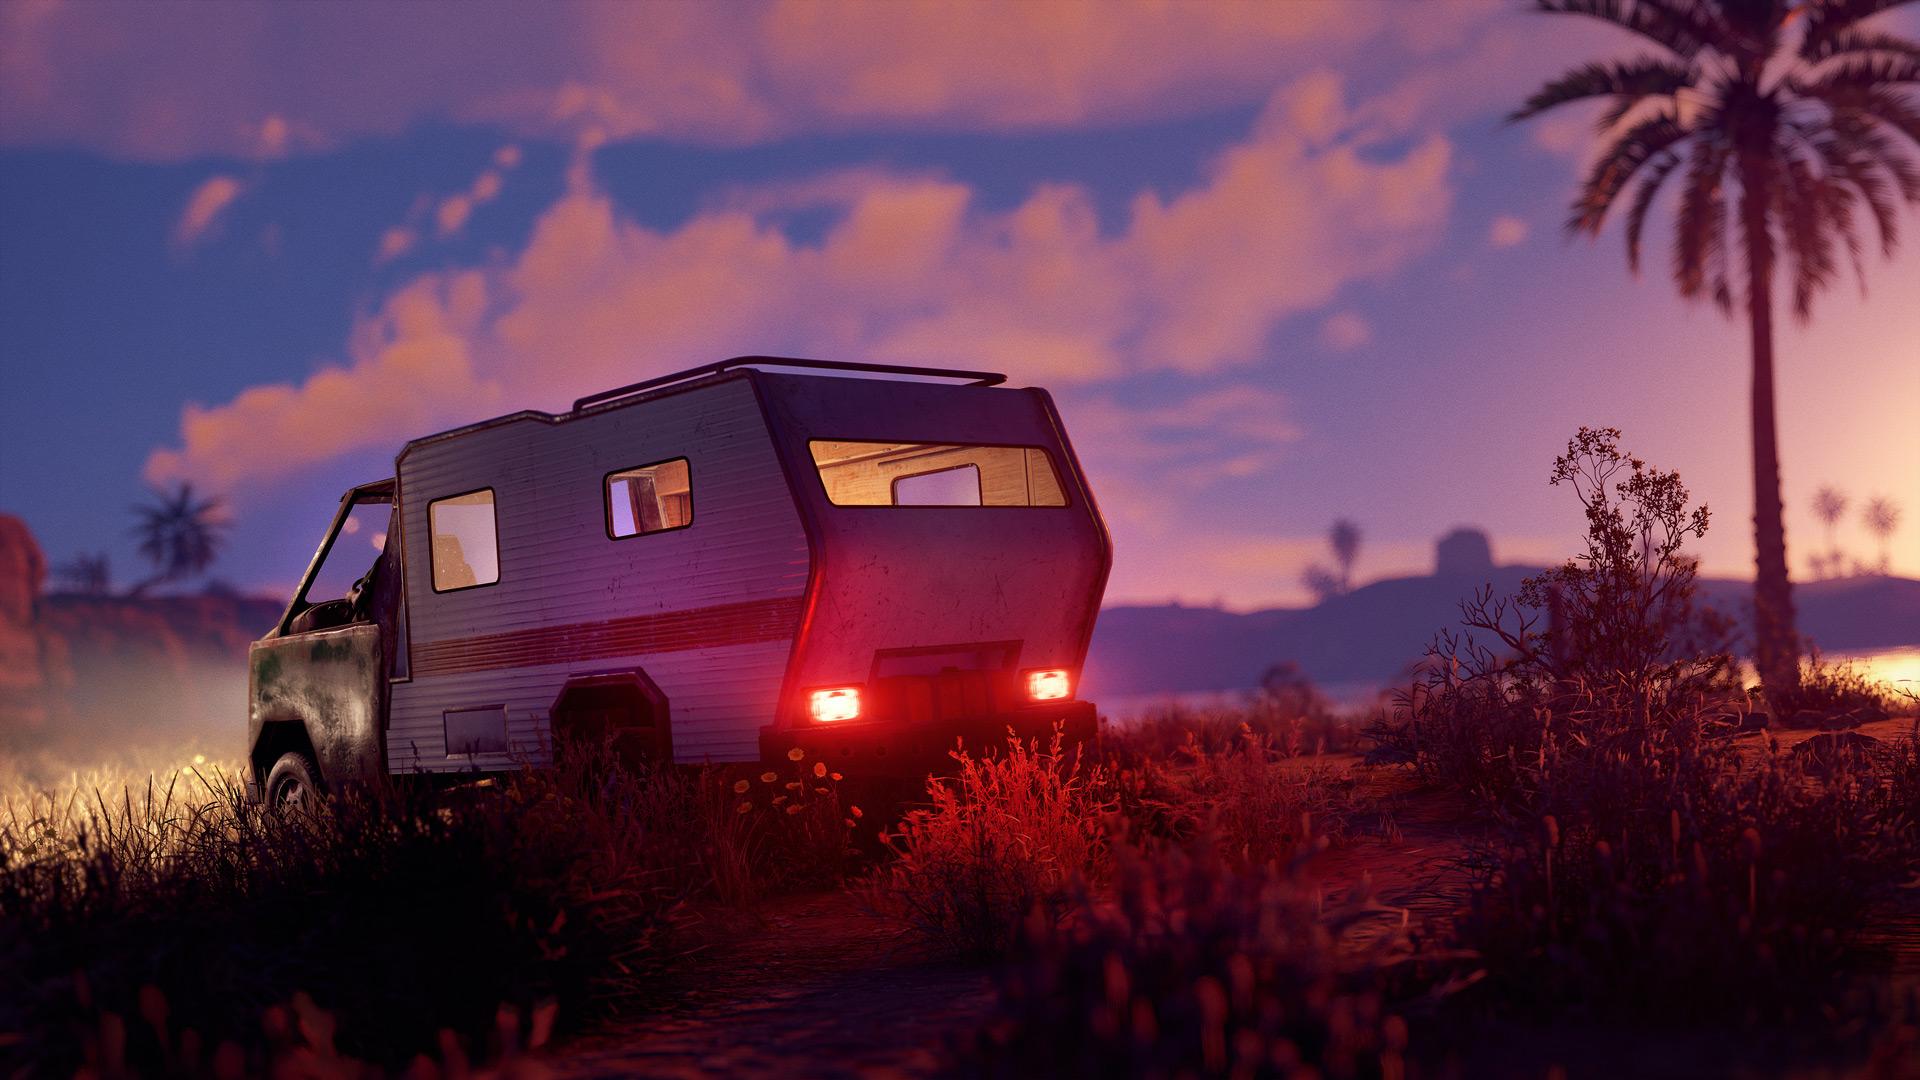 campervan_01.jpg